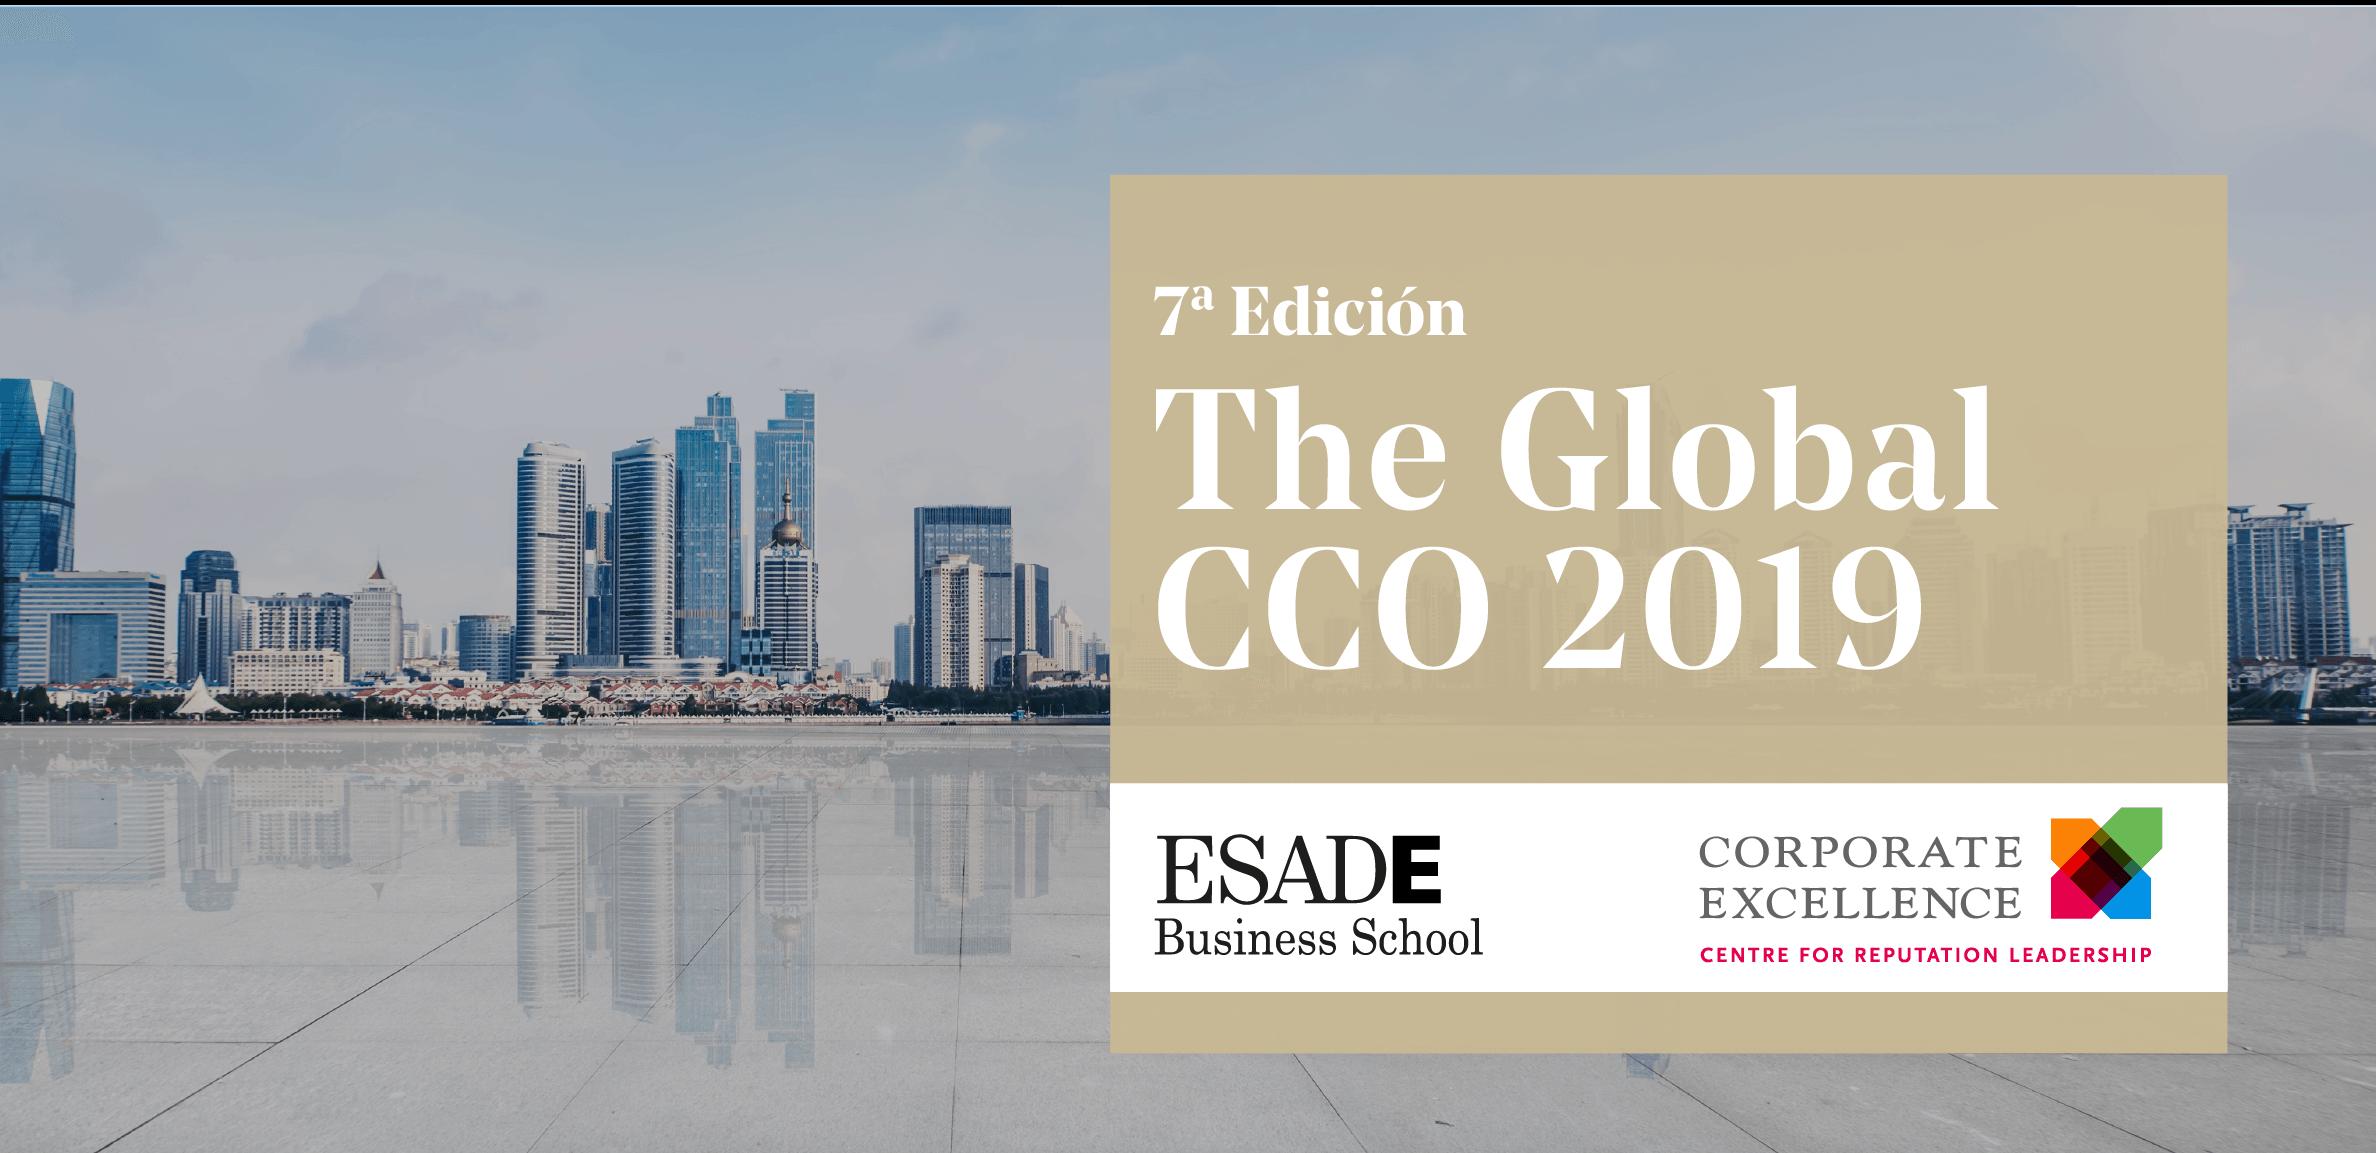 The Global CCO 2019